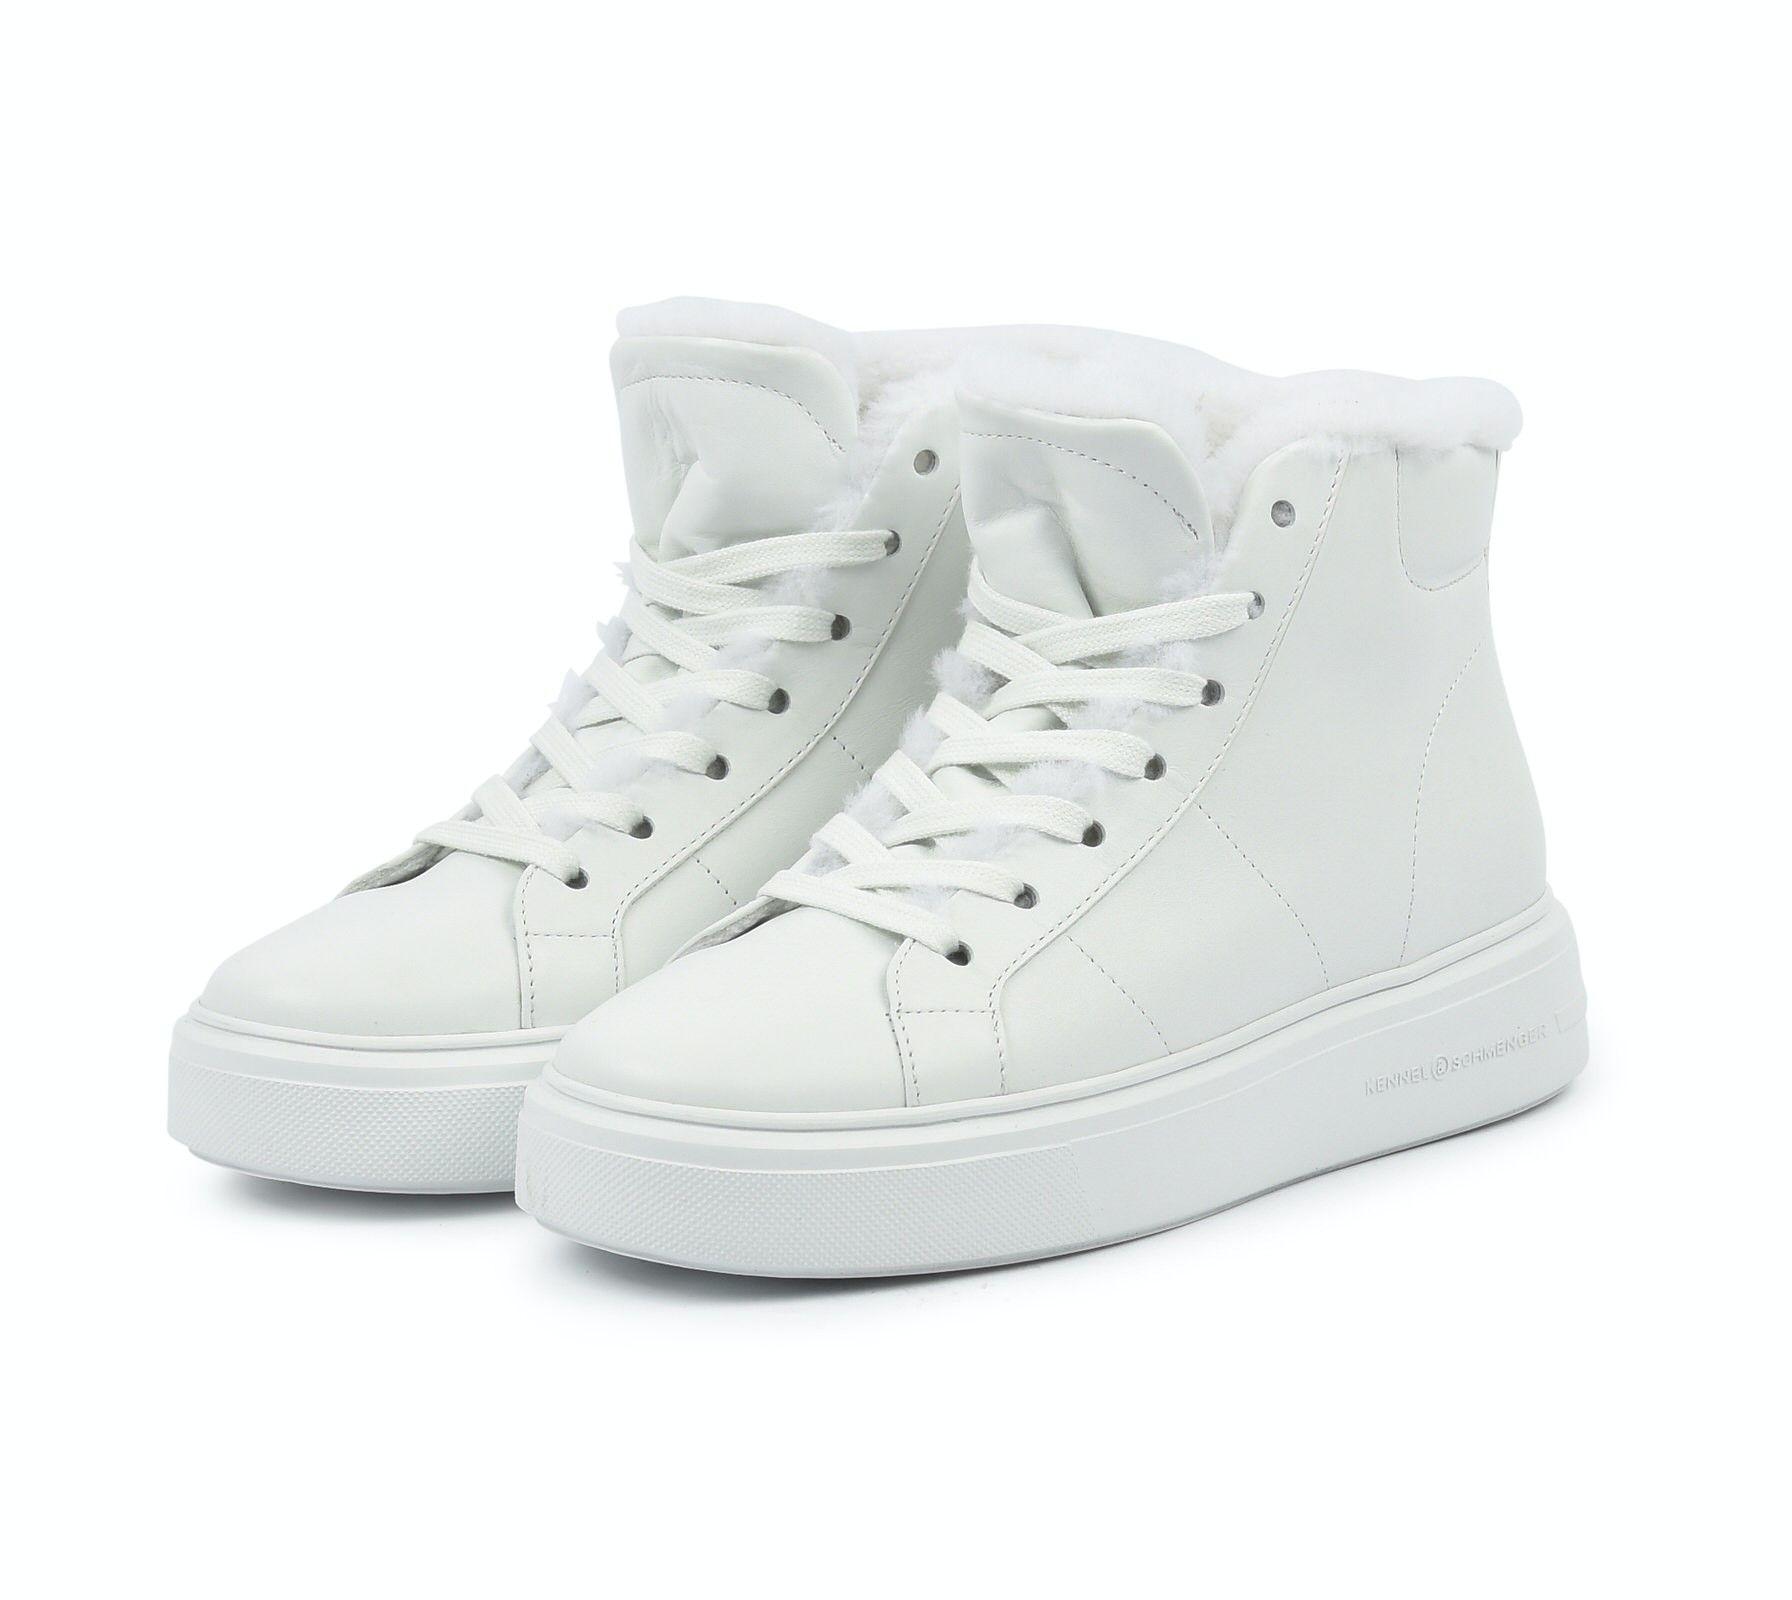 KENNEL & SCHMENGER - Damen Sneaker - Pro Calf/Lammfell - Bianco/Weiss